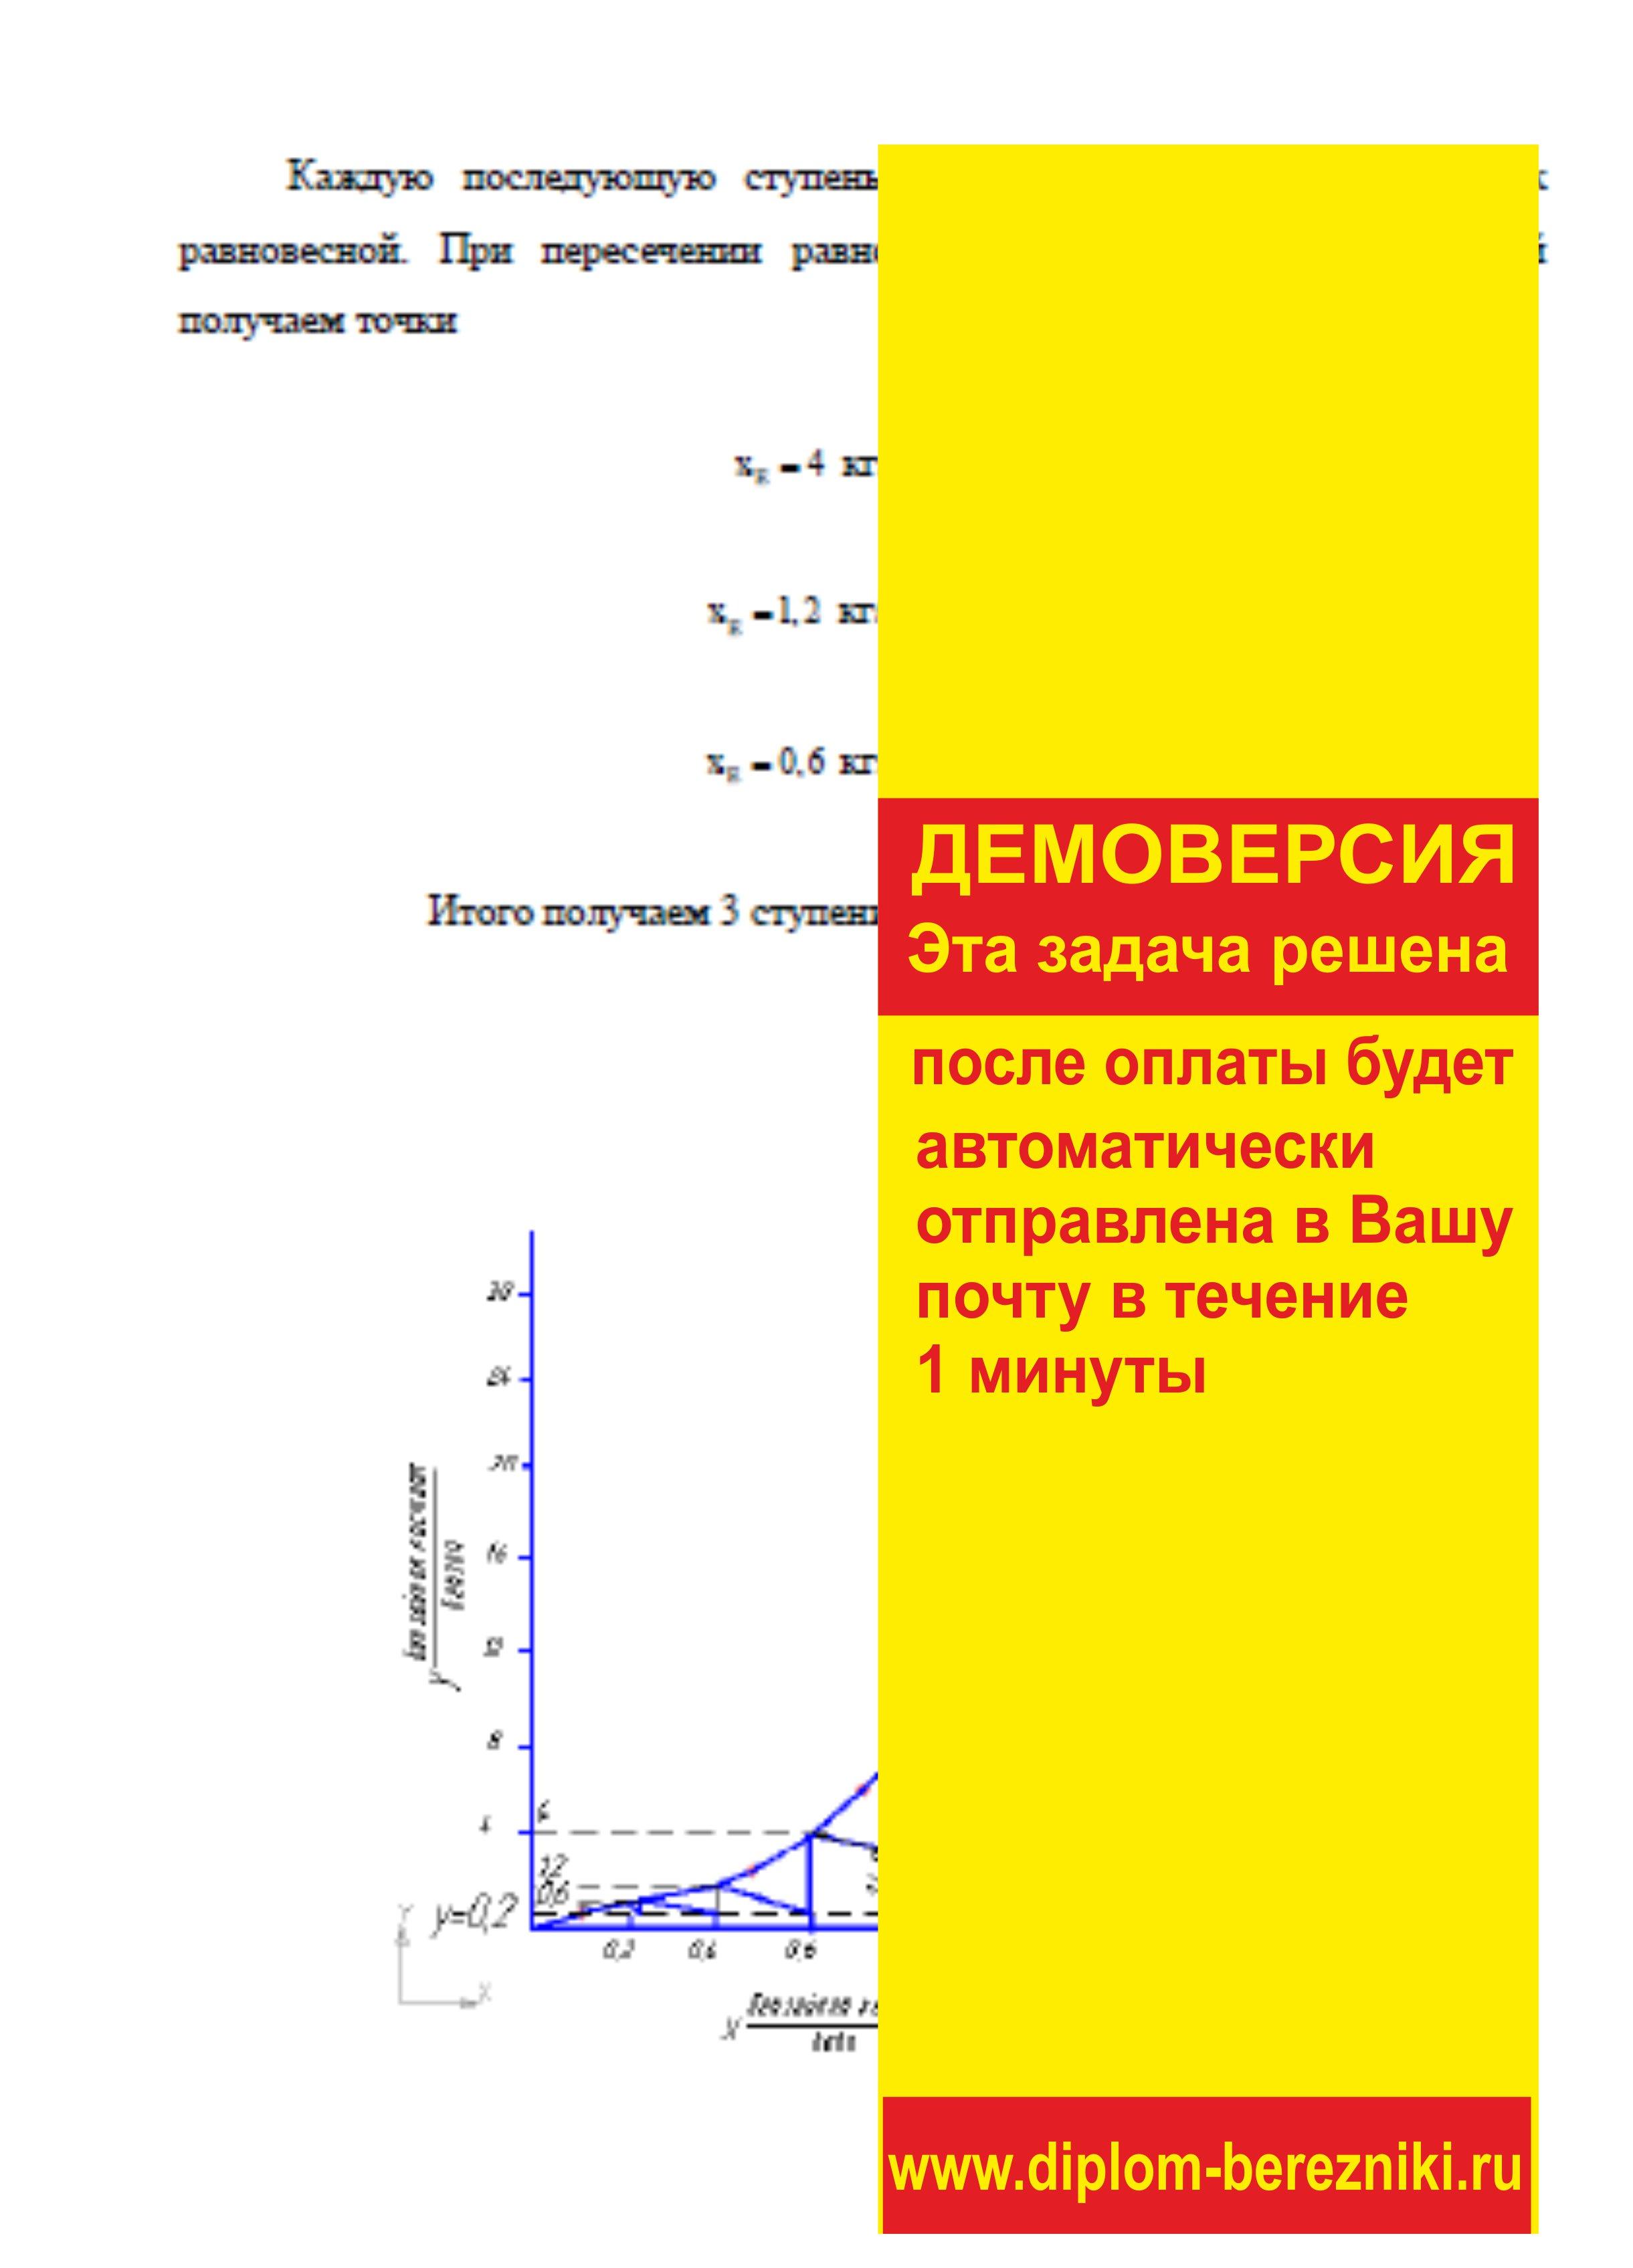 Решение задачи 8.5 по ПАХТ из задачника Павлова Романкова Носкова